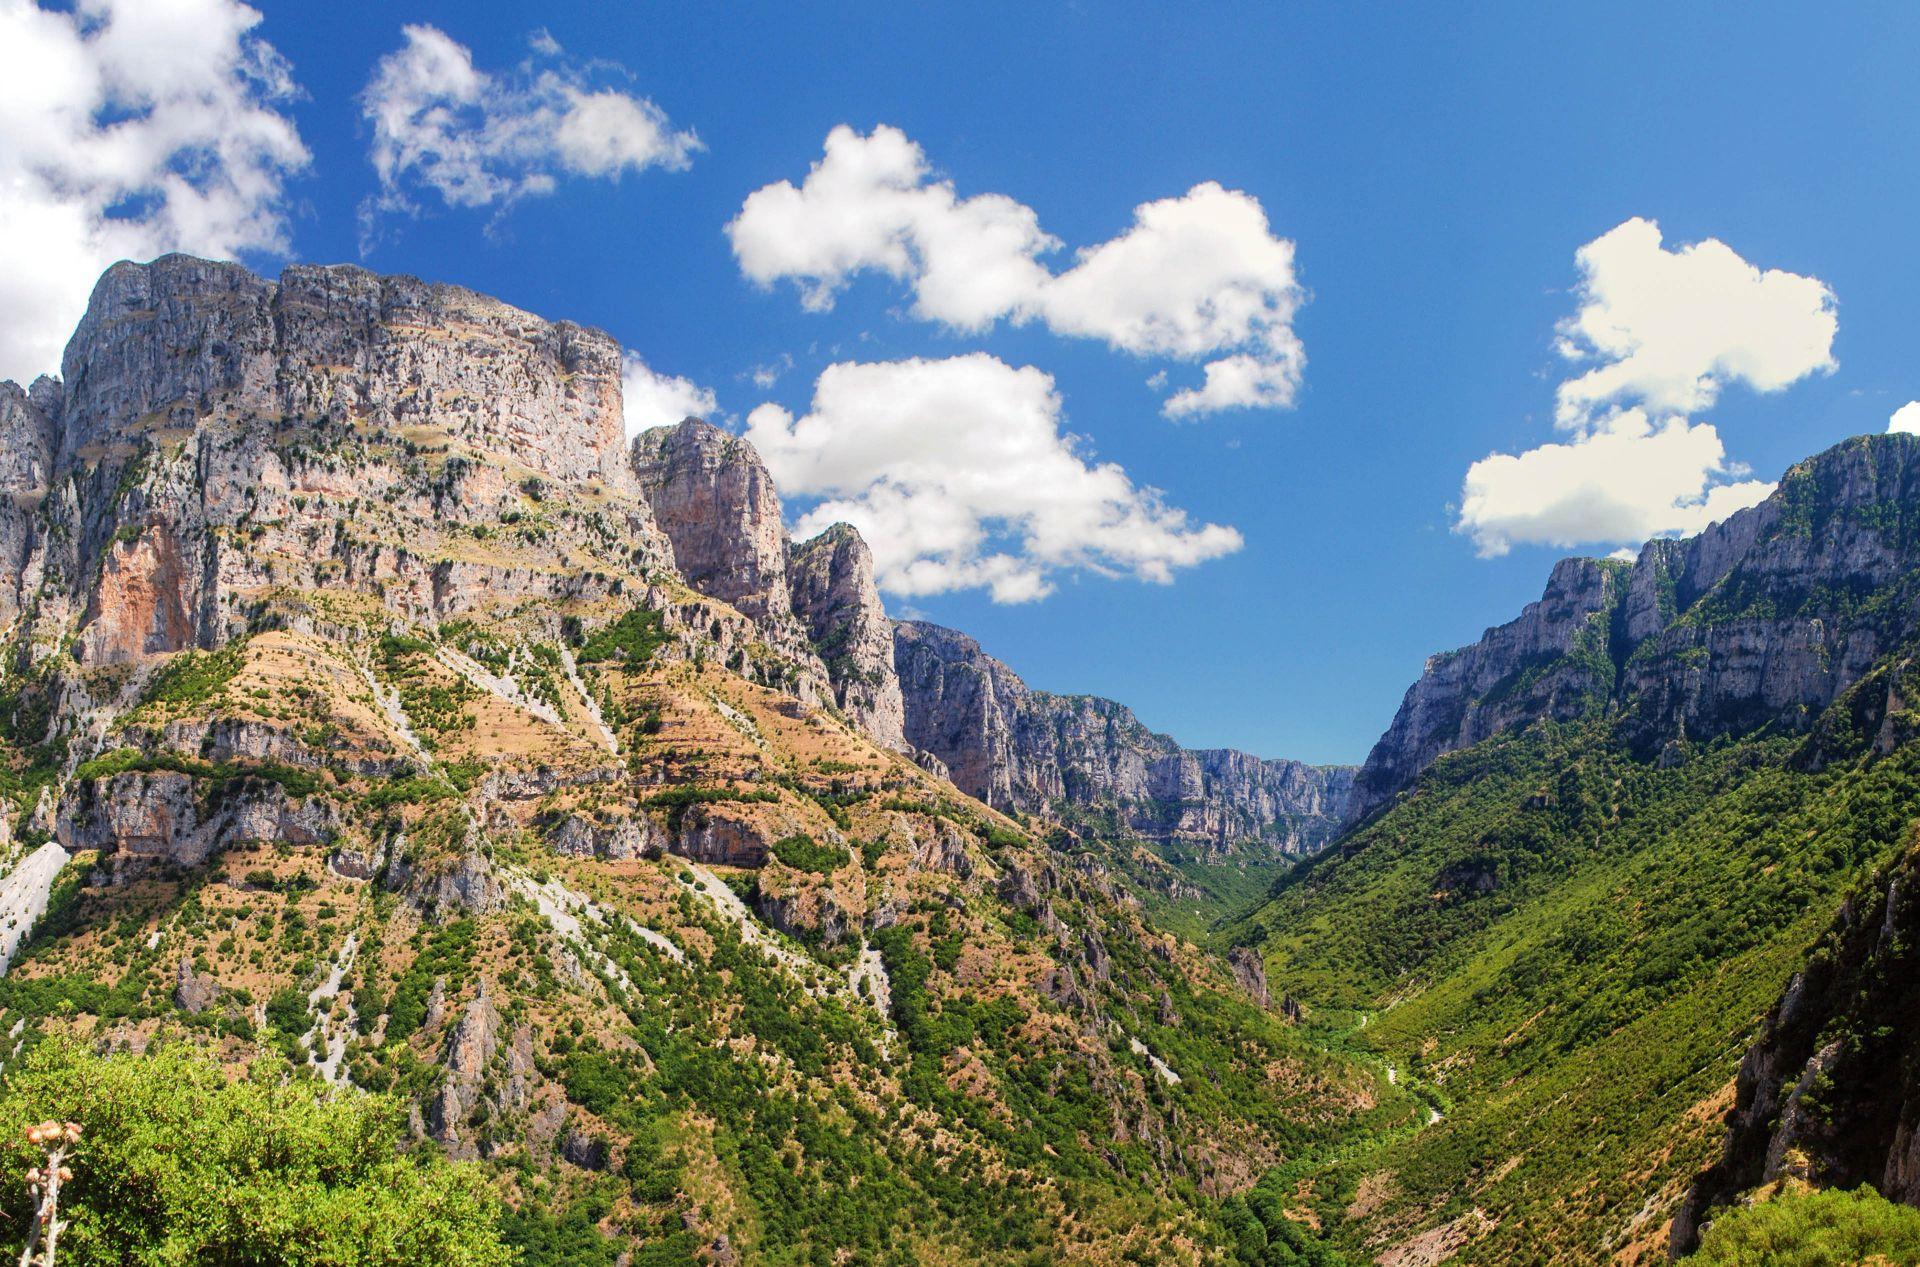 Zagorochoria: Vikos Gorge